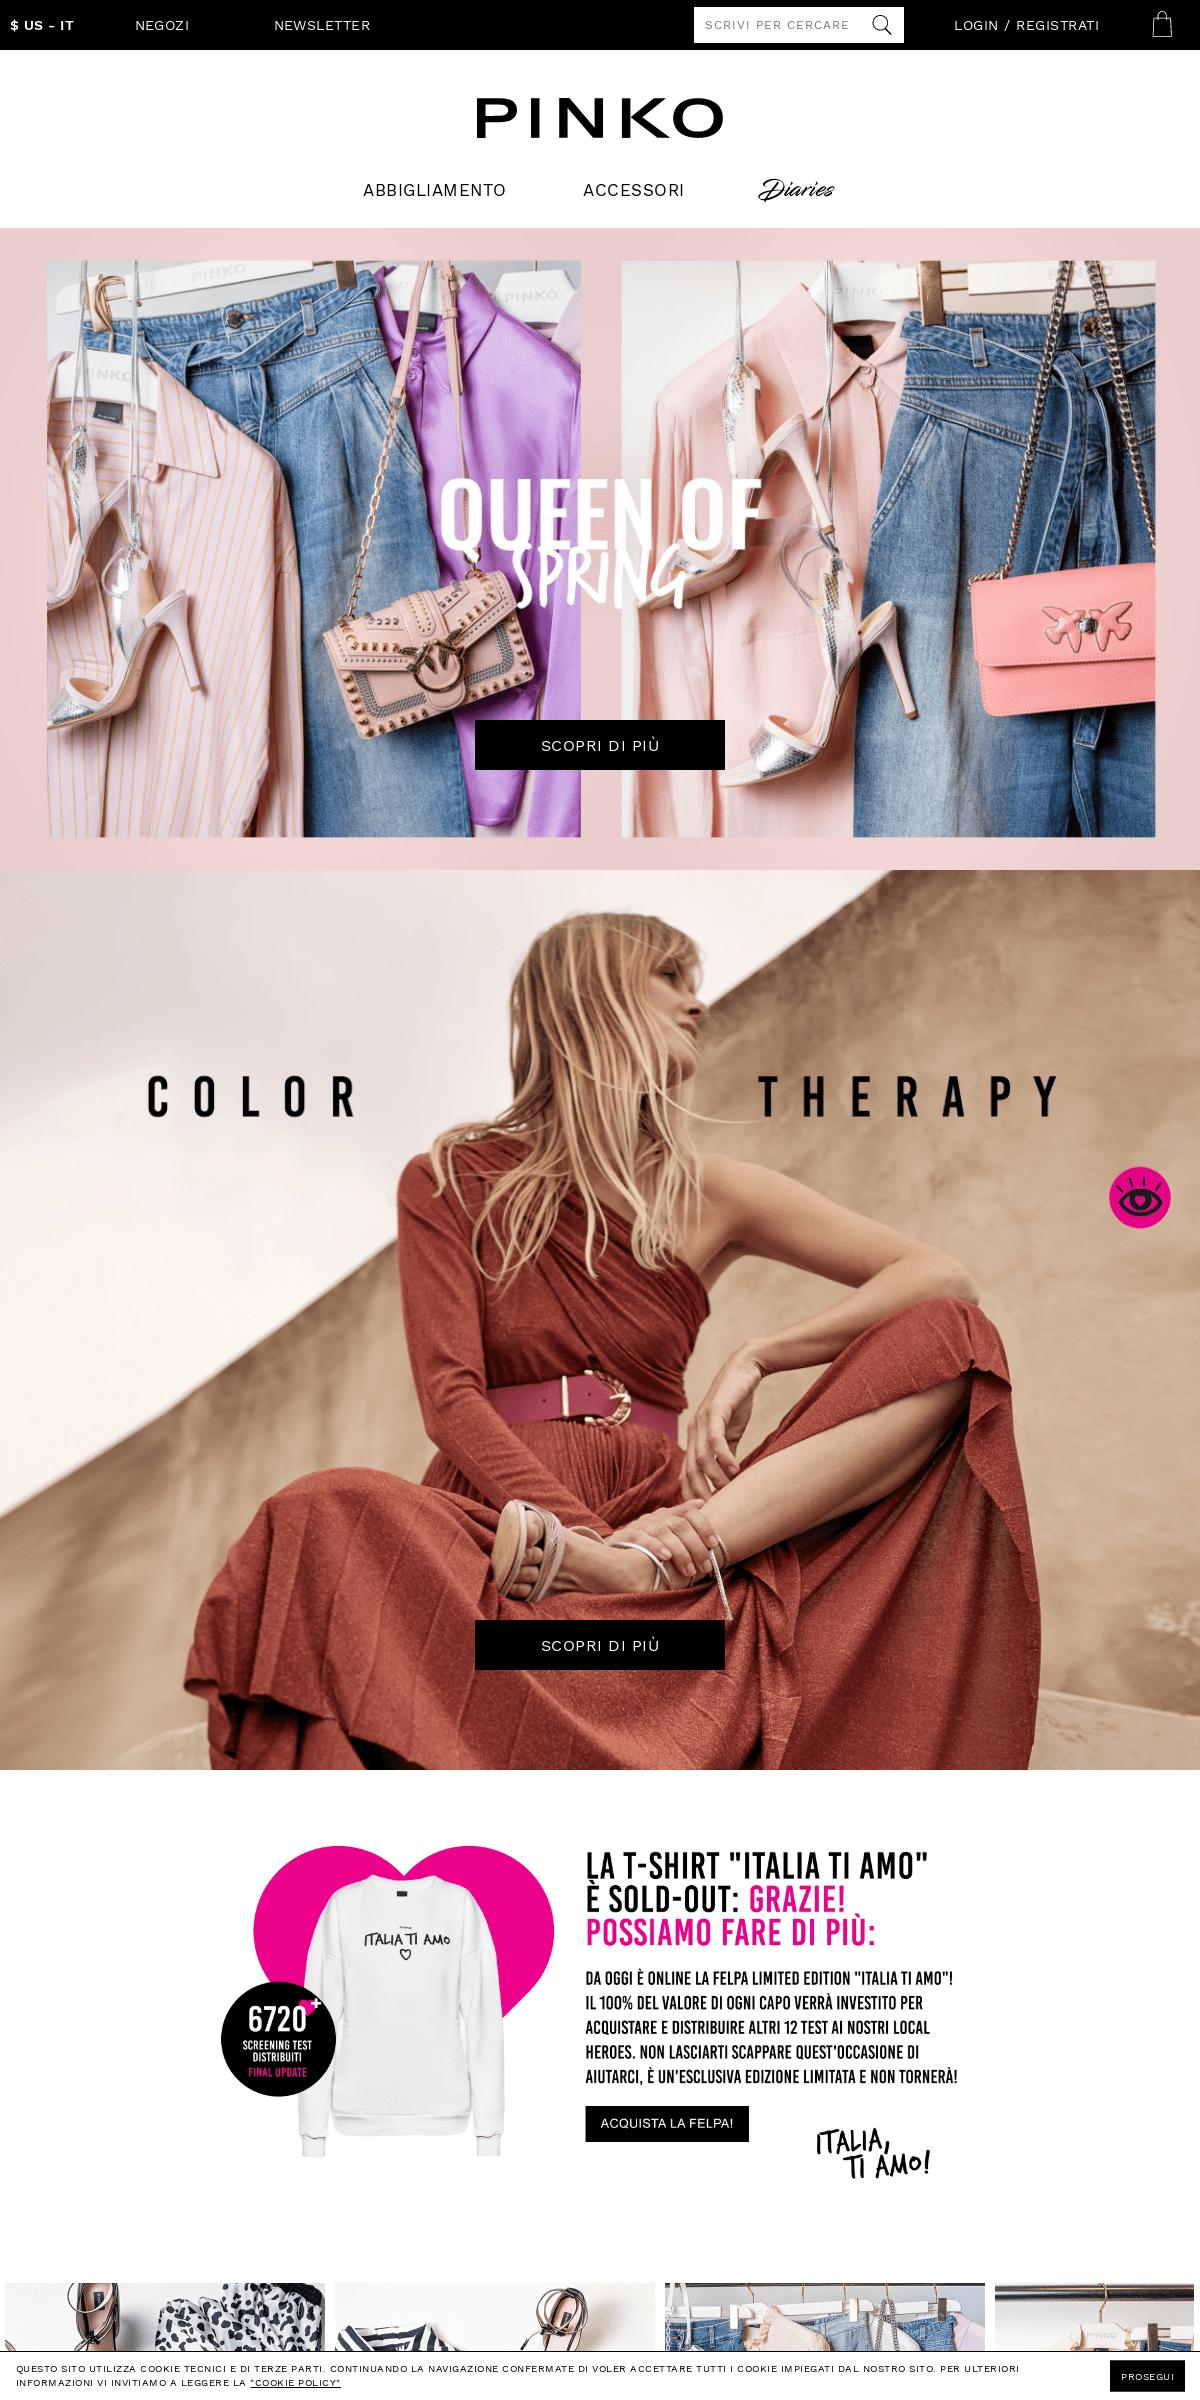 ArchiveBay.com - pinko.it - Abbigliamento, scarpe, borse e accessori moda donna - Pinko